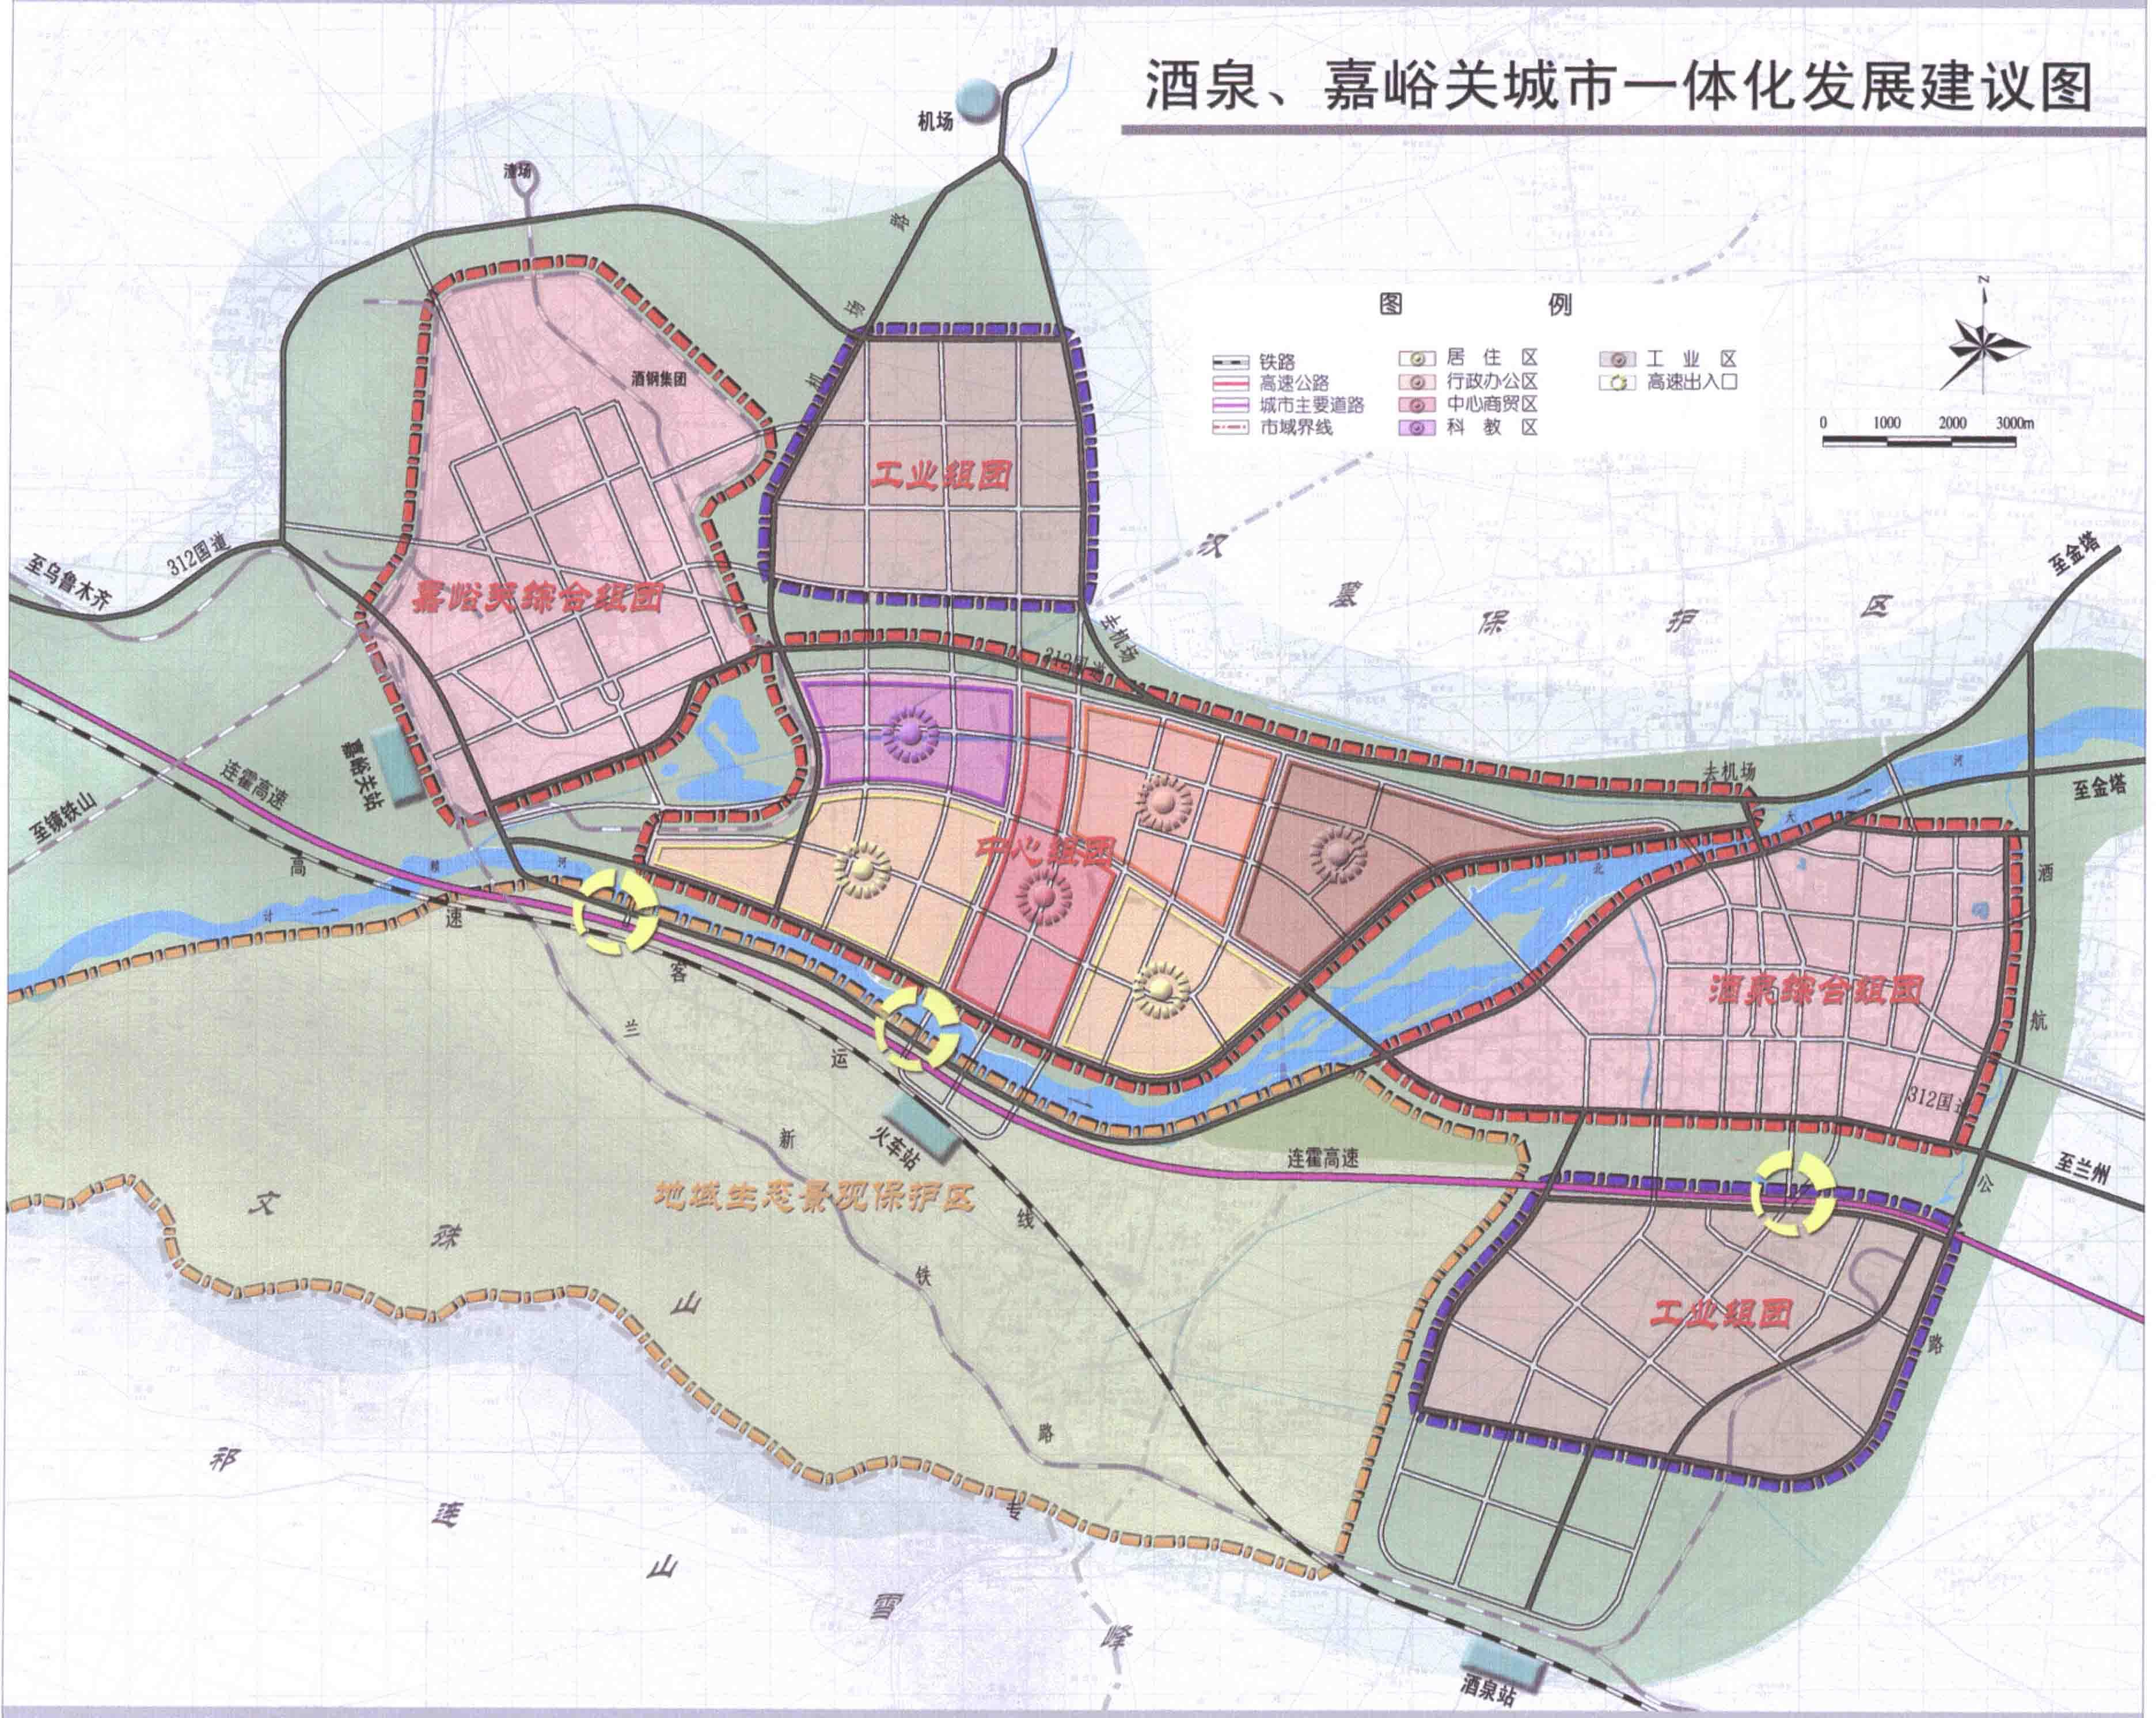 酒泉—嘉峪关区域经济一体化发展规划